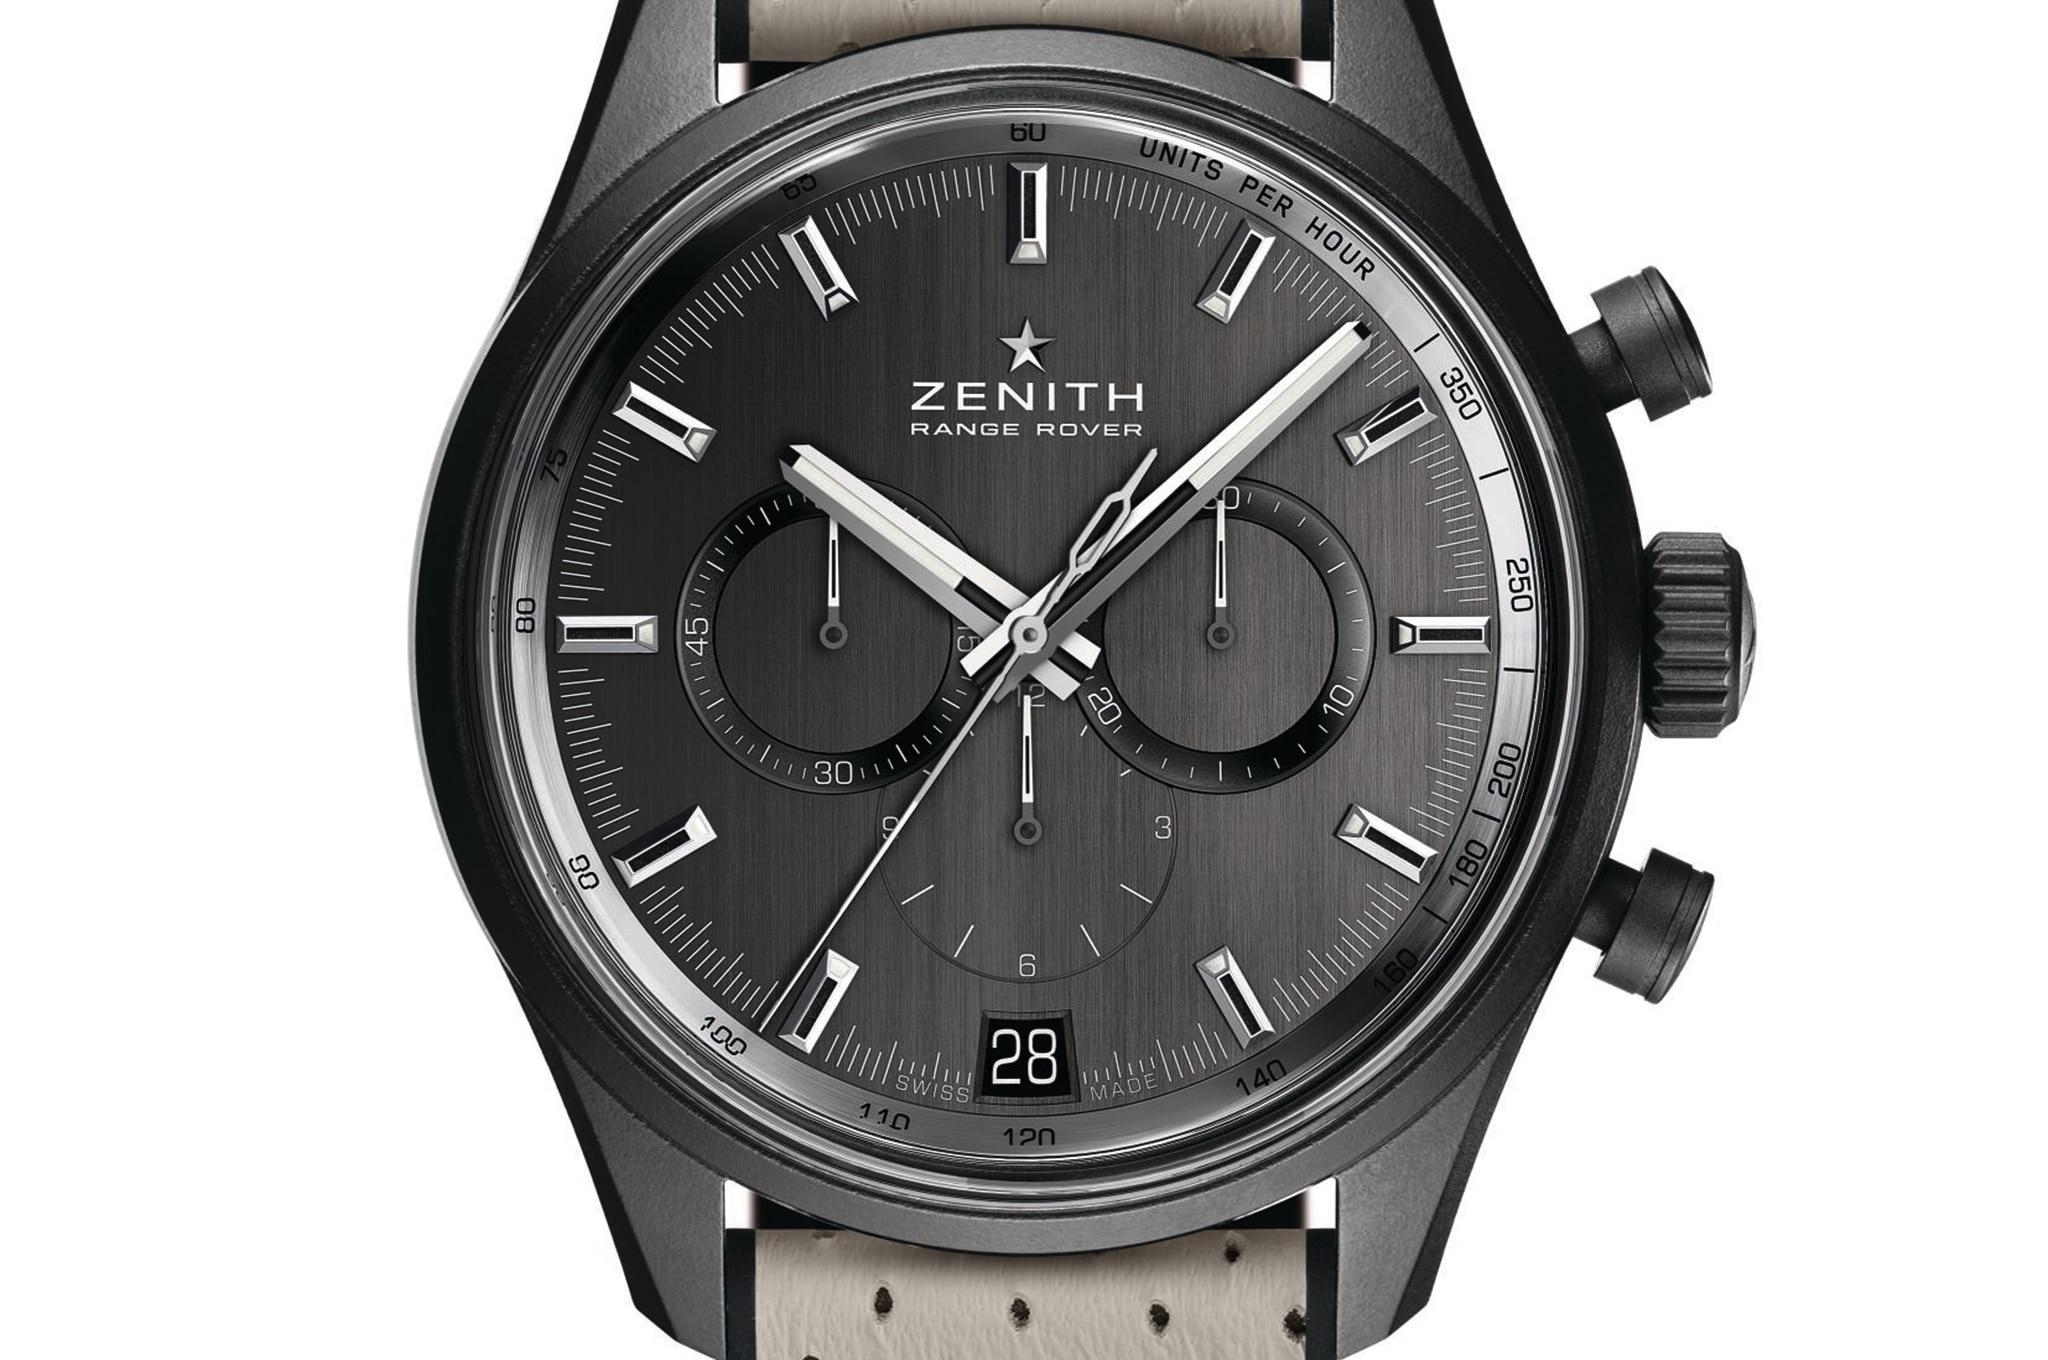 The New Zenith El Primero Range Rover Watch Is